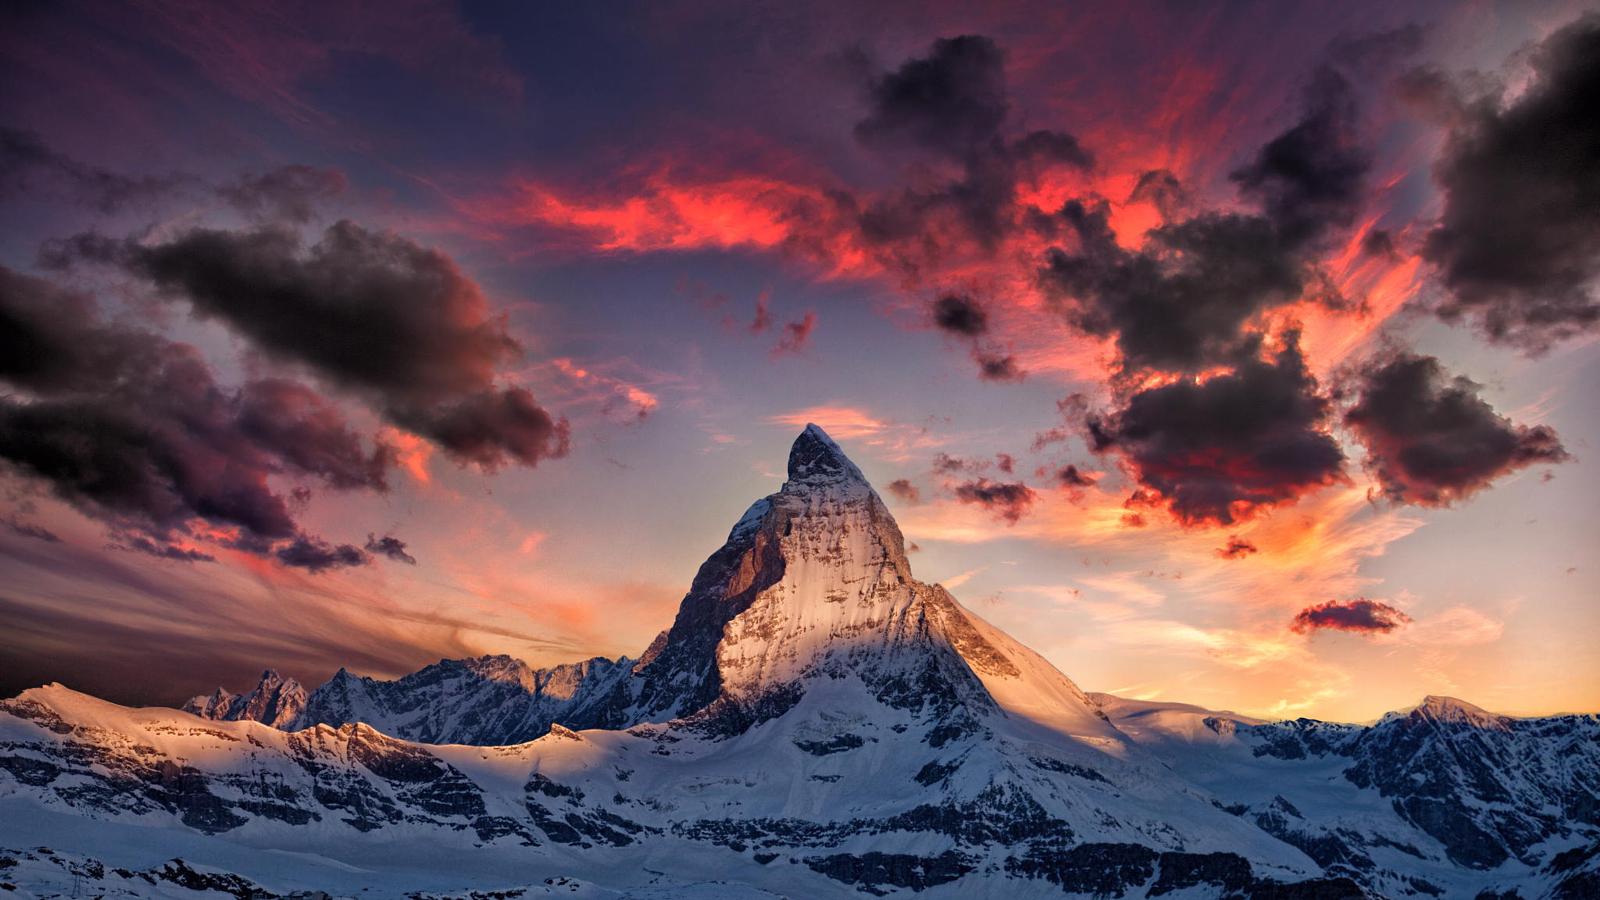 Самое интересное : Котики, которые нашли в запасах кошачью мяту